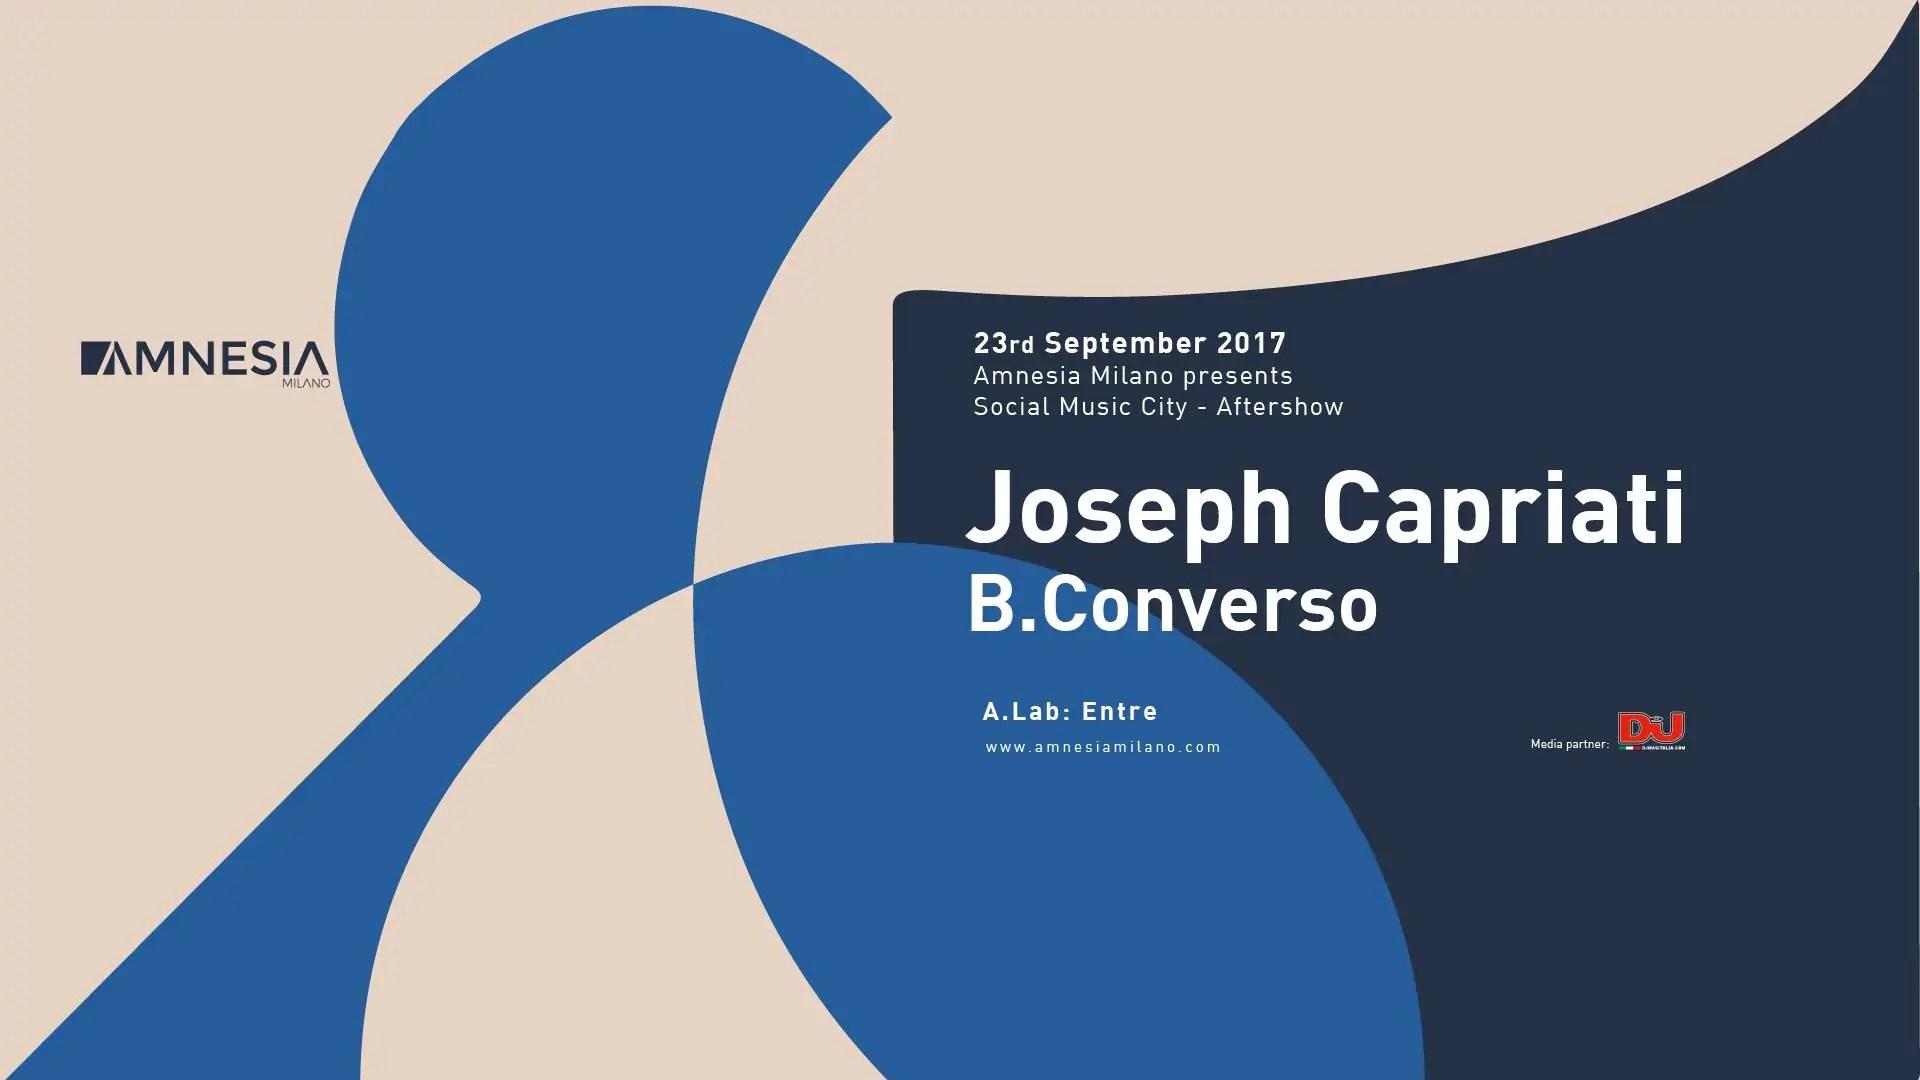 JOSEPH CAPRITATI AMNESIA MILANO 23 09 2017 AfterShow Social Music City Prezzi Ticket Biglietti Prevendite Tavoli Pacchetti Hotel Bus